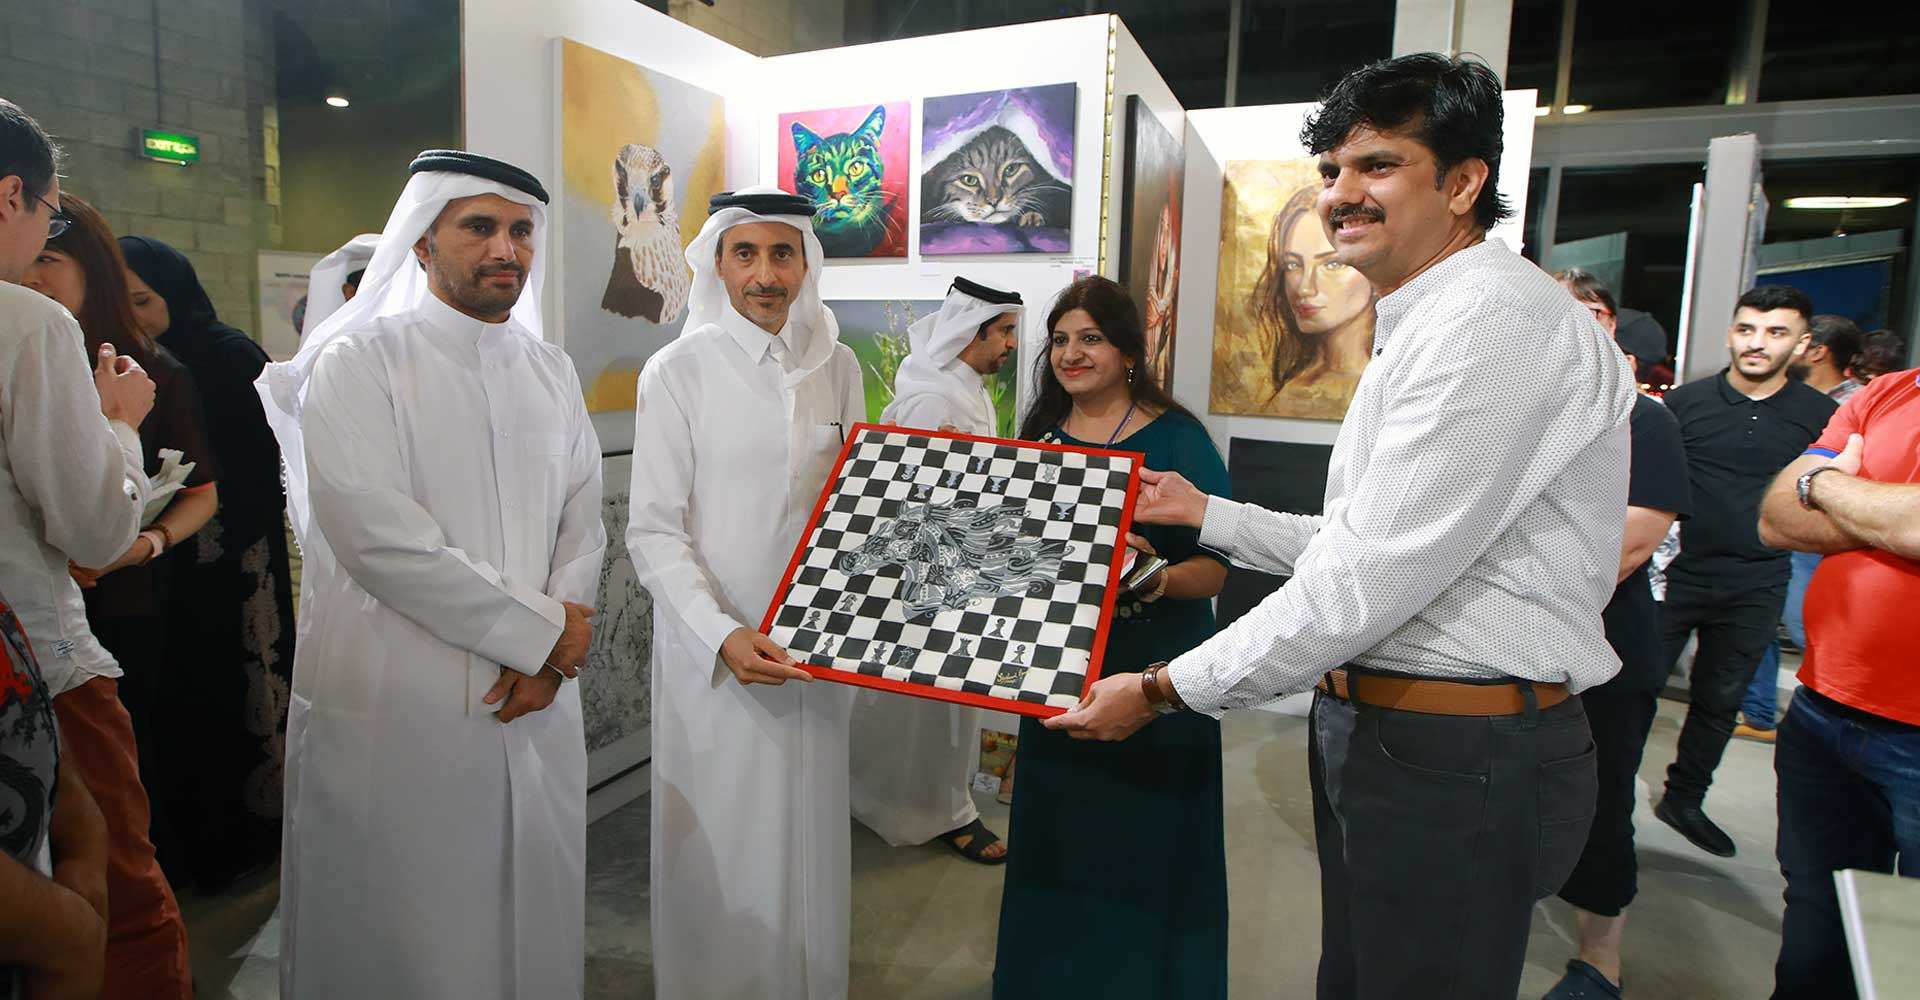 qiaf-gallery-2018